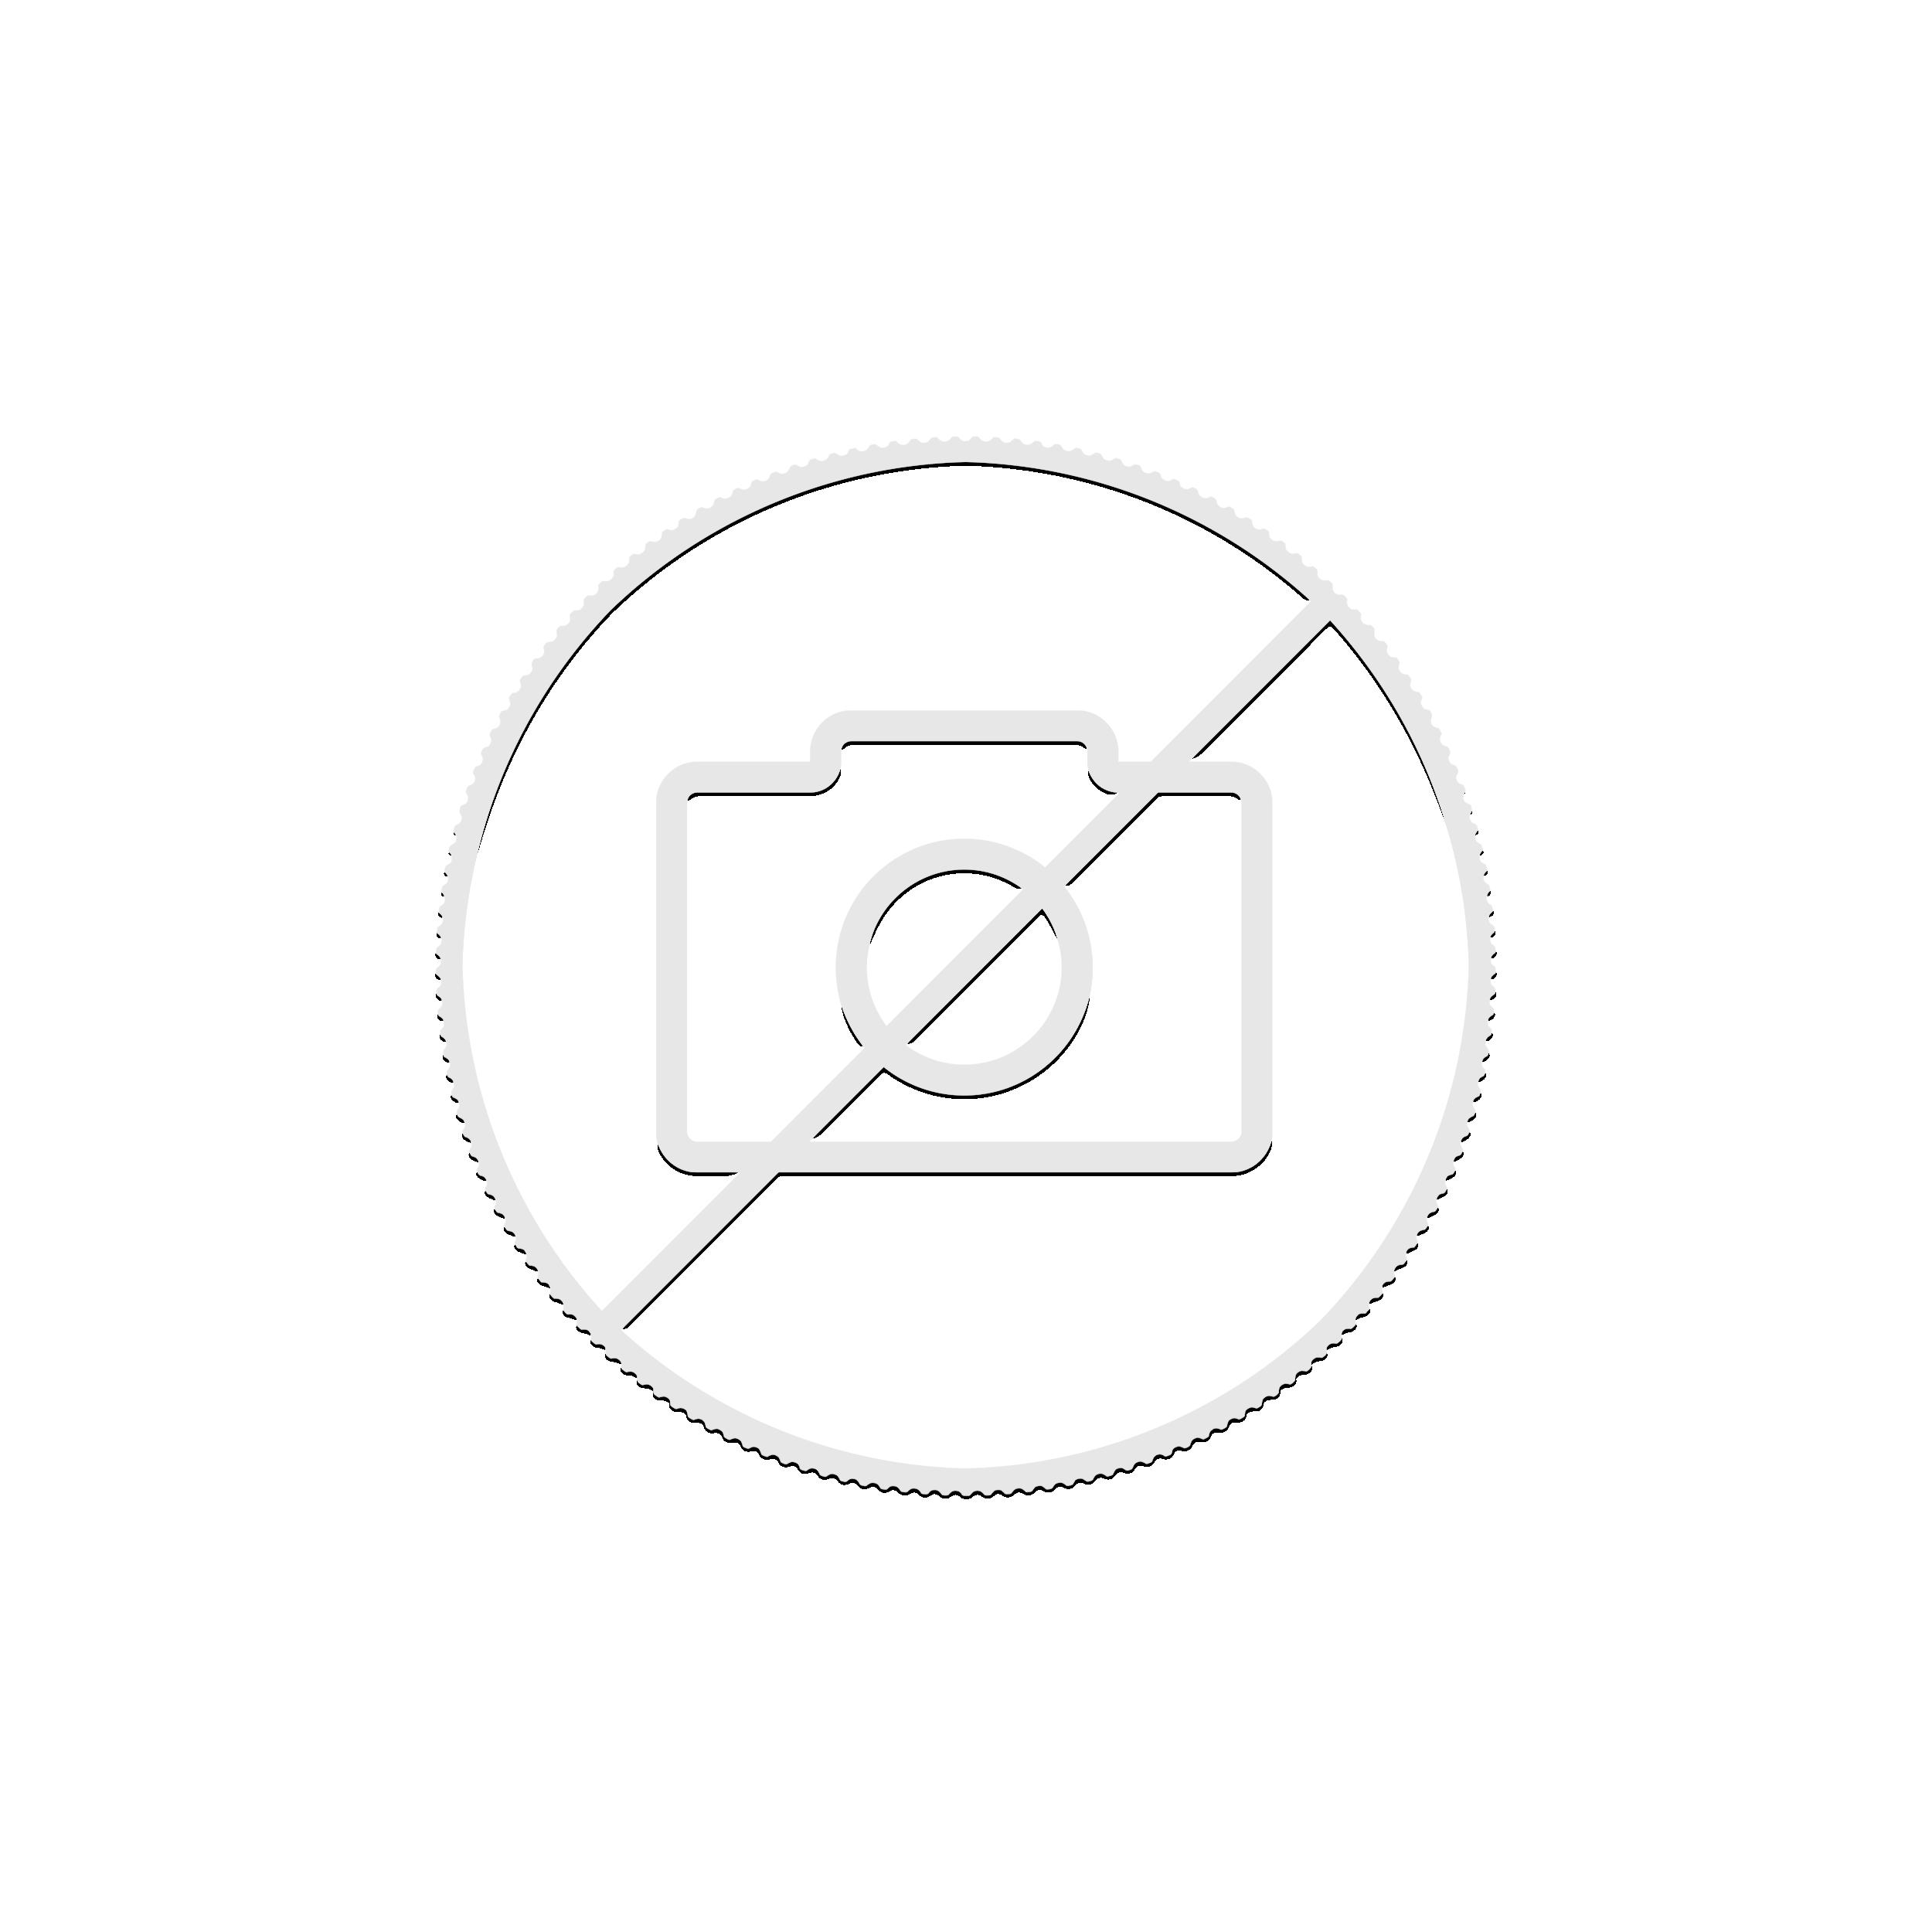 1 Kilo zilveren munt Kookaburra 2020